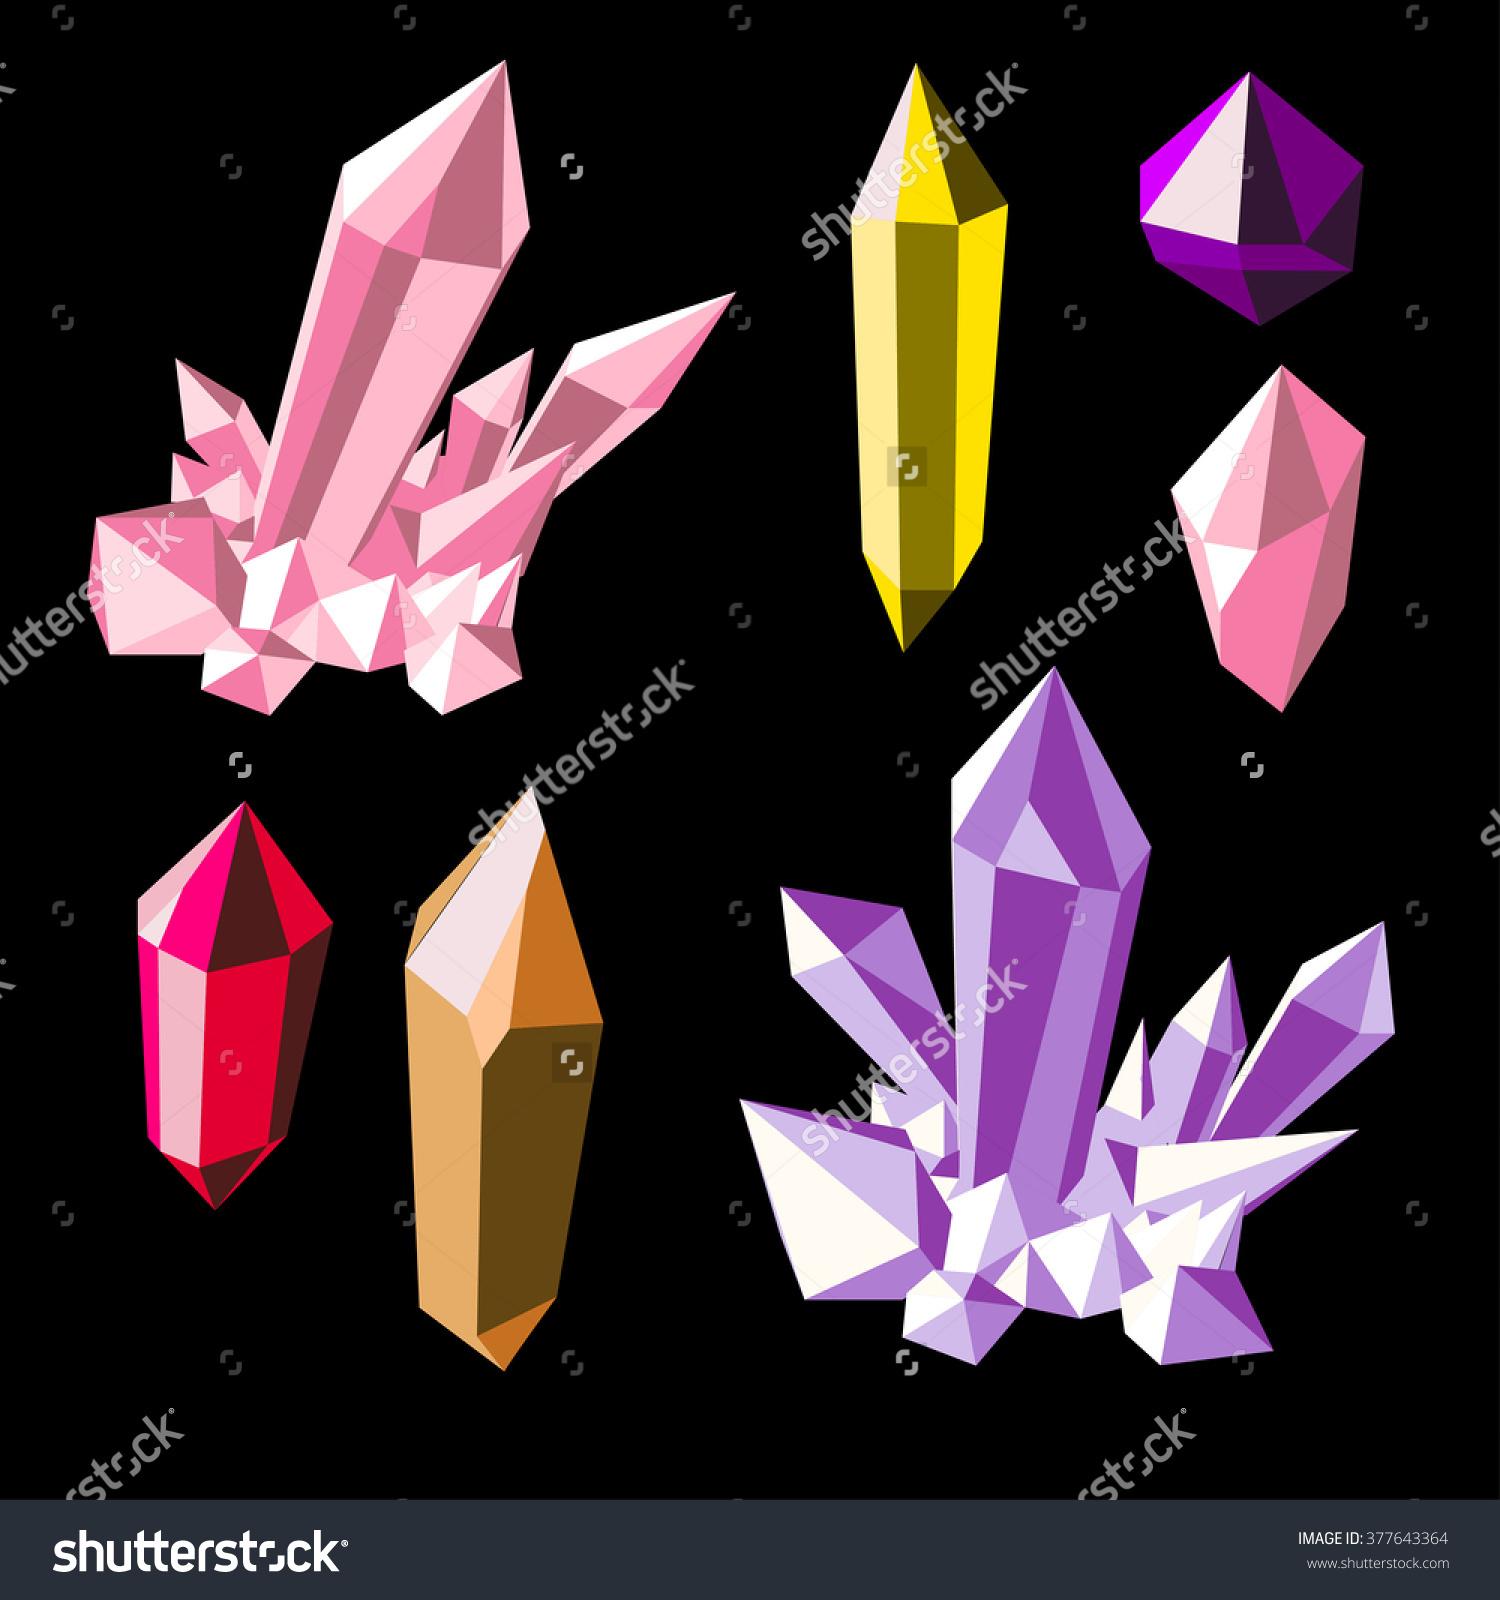 Crystals clipart shiny Colorful clipart crystal Crystals Quartz